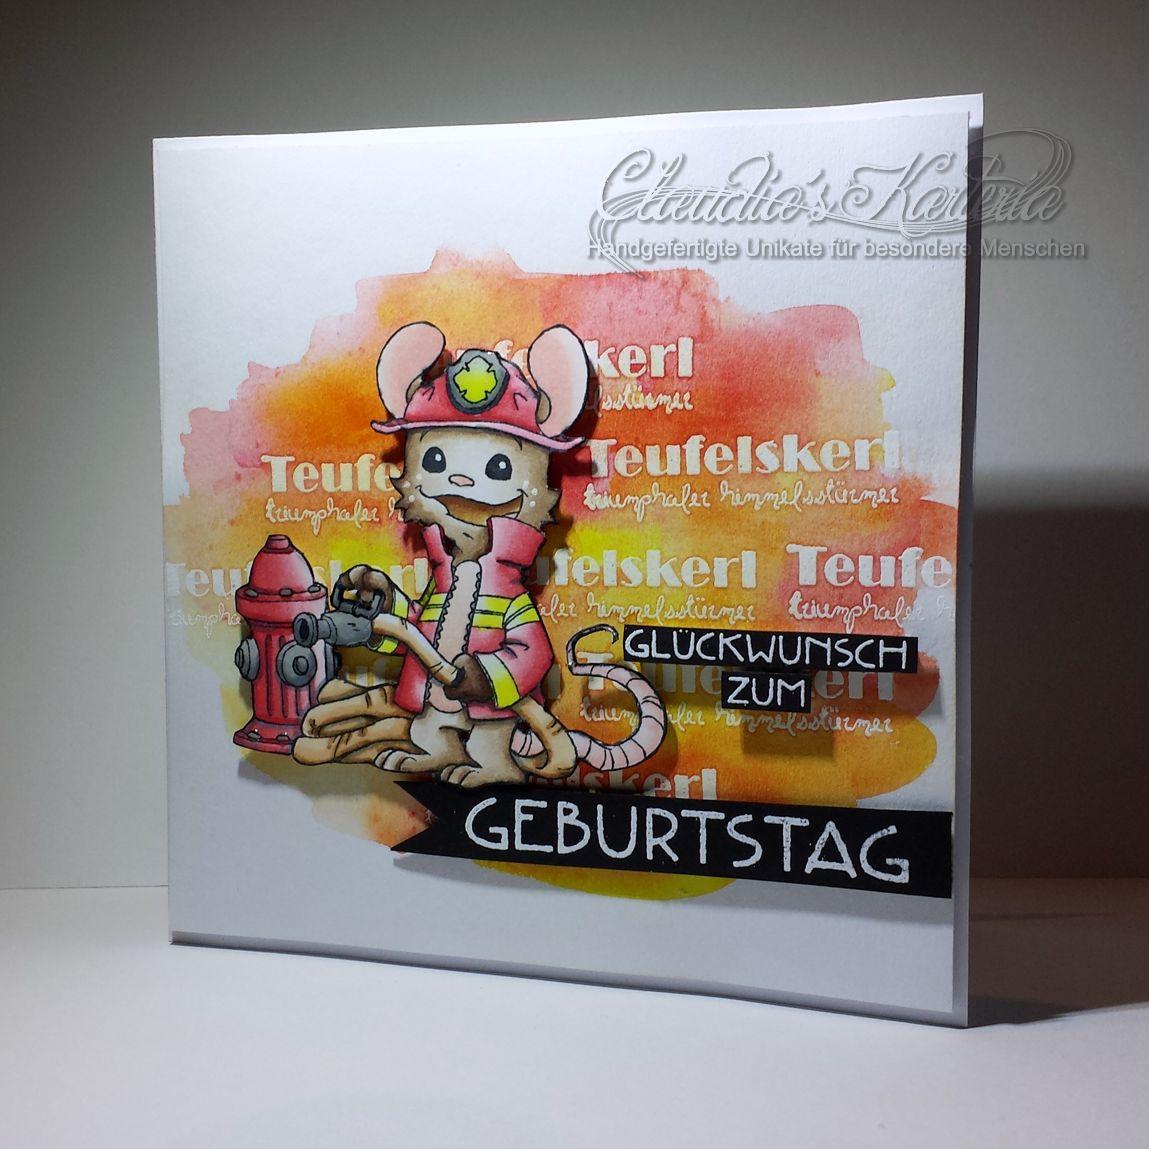 Feurige Geburtstagsgrüsse rot/orange | Geburtstagskarte